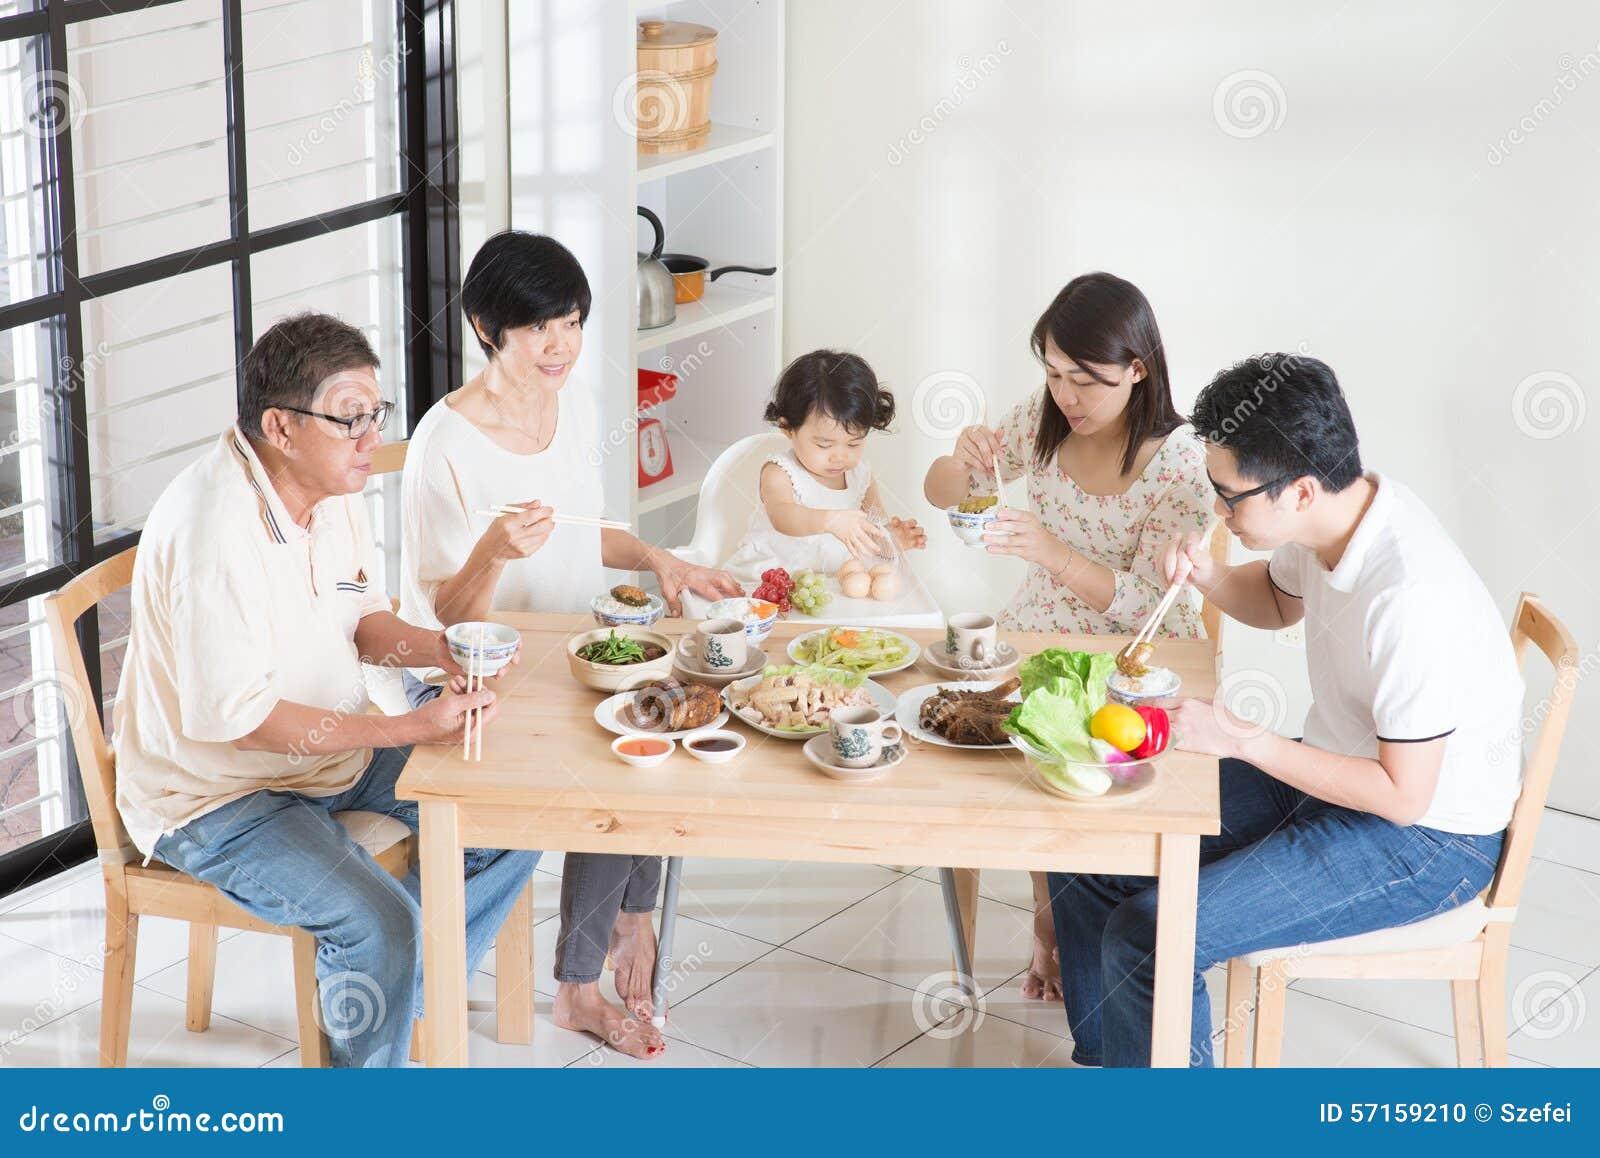 Asian Chinese Family Dinner